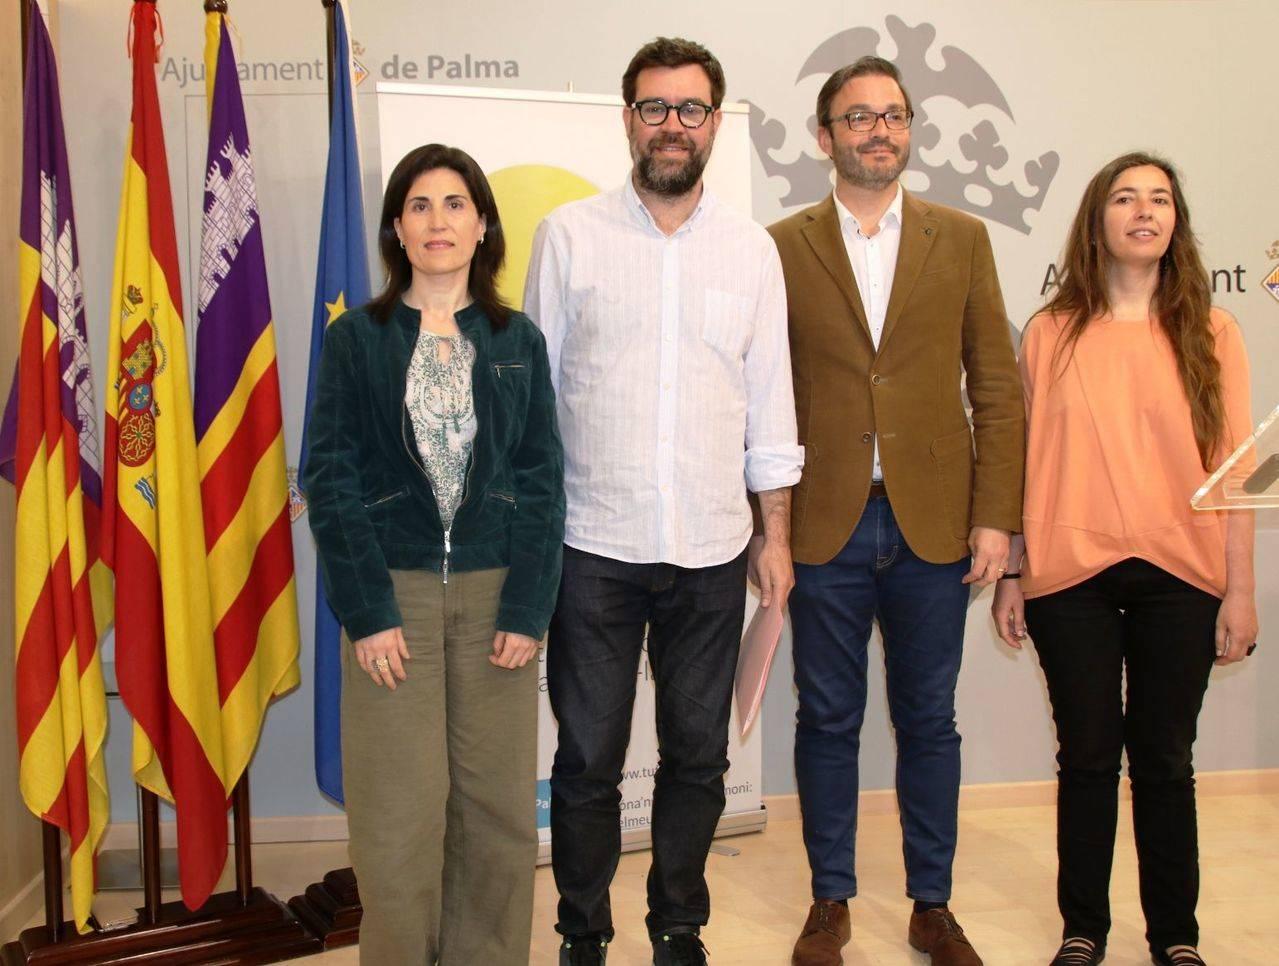 'Palma debe ser una ciudad habitable', defiende su alcalde